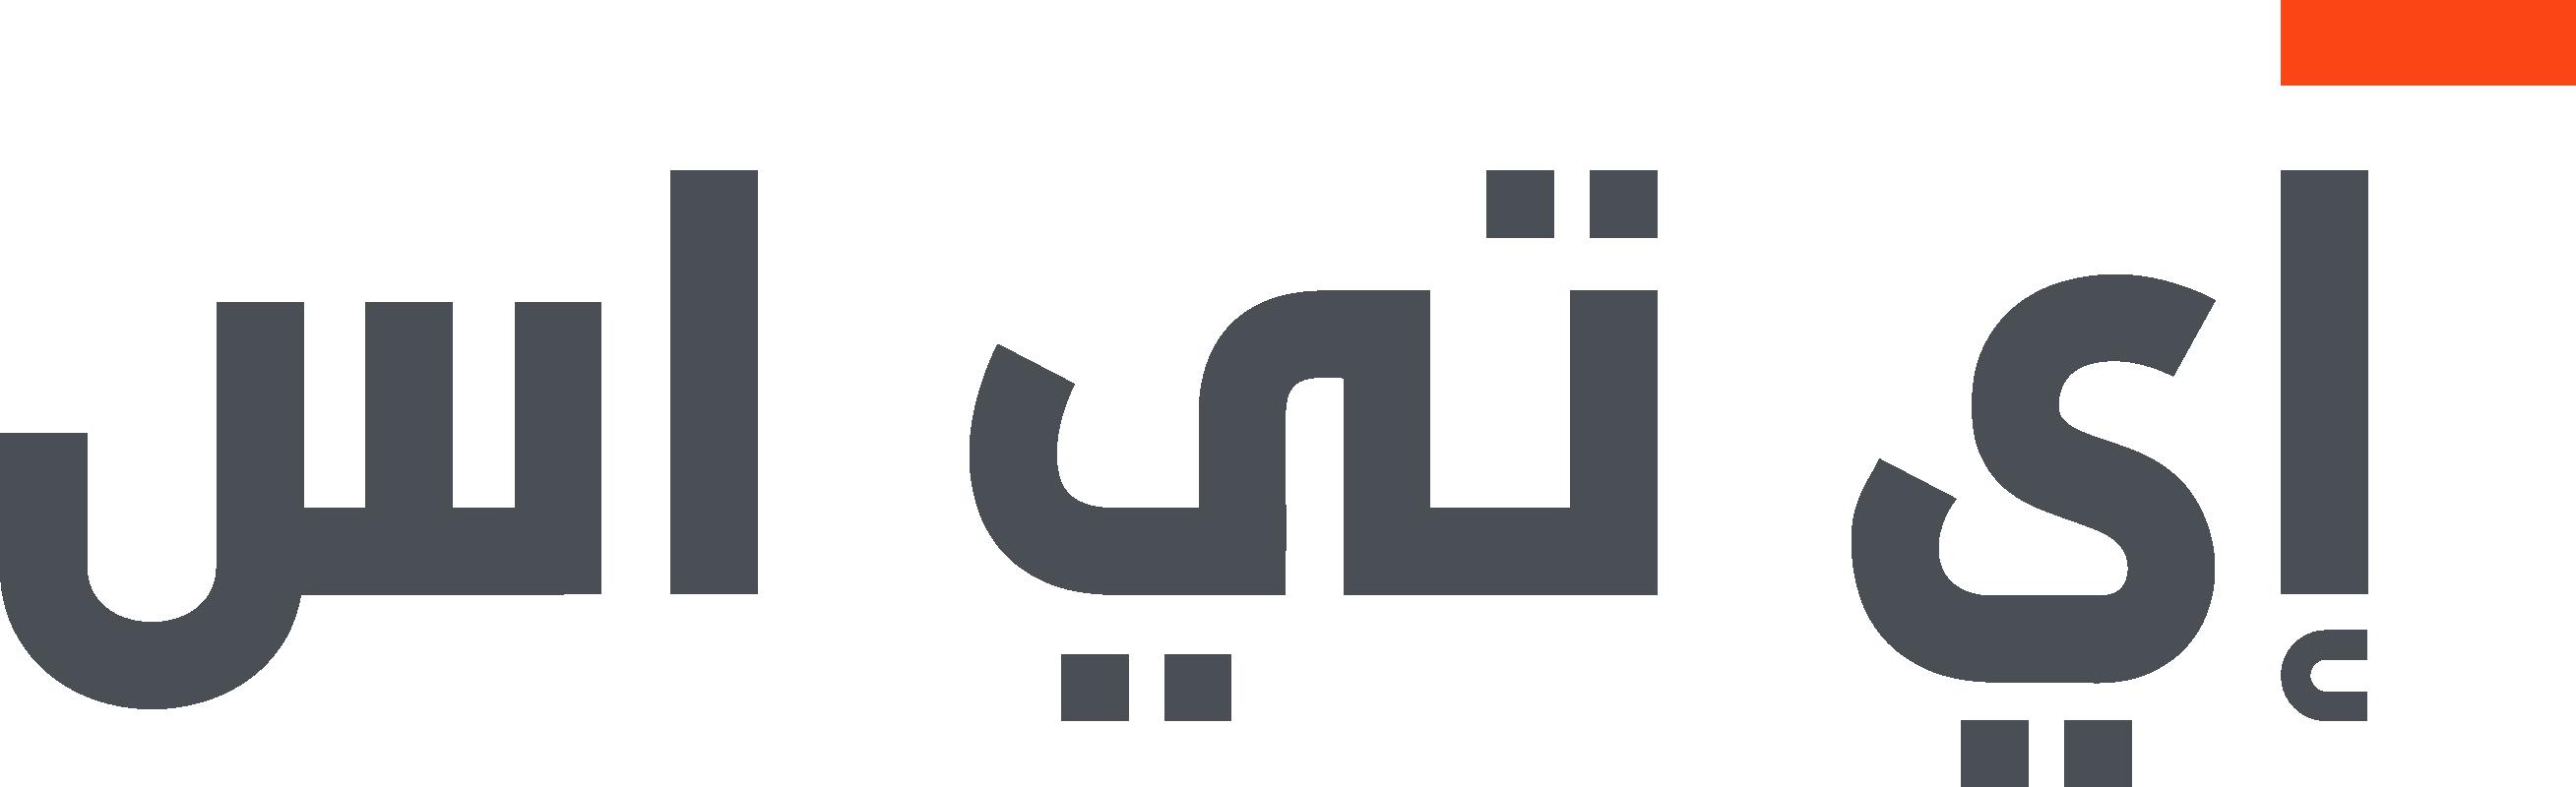 الإمارات للخدمات التكنولوجية